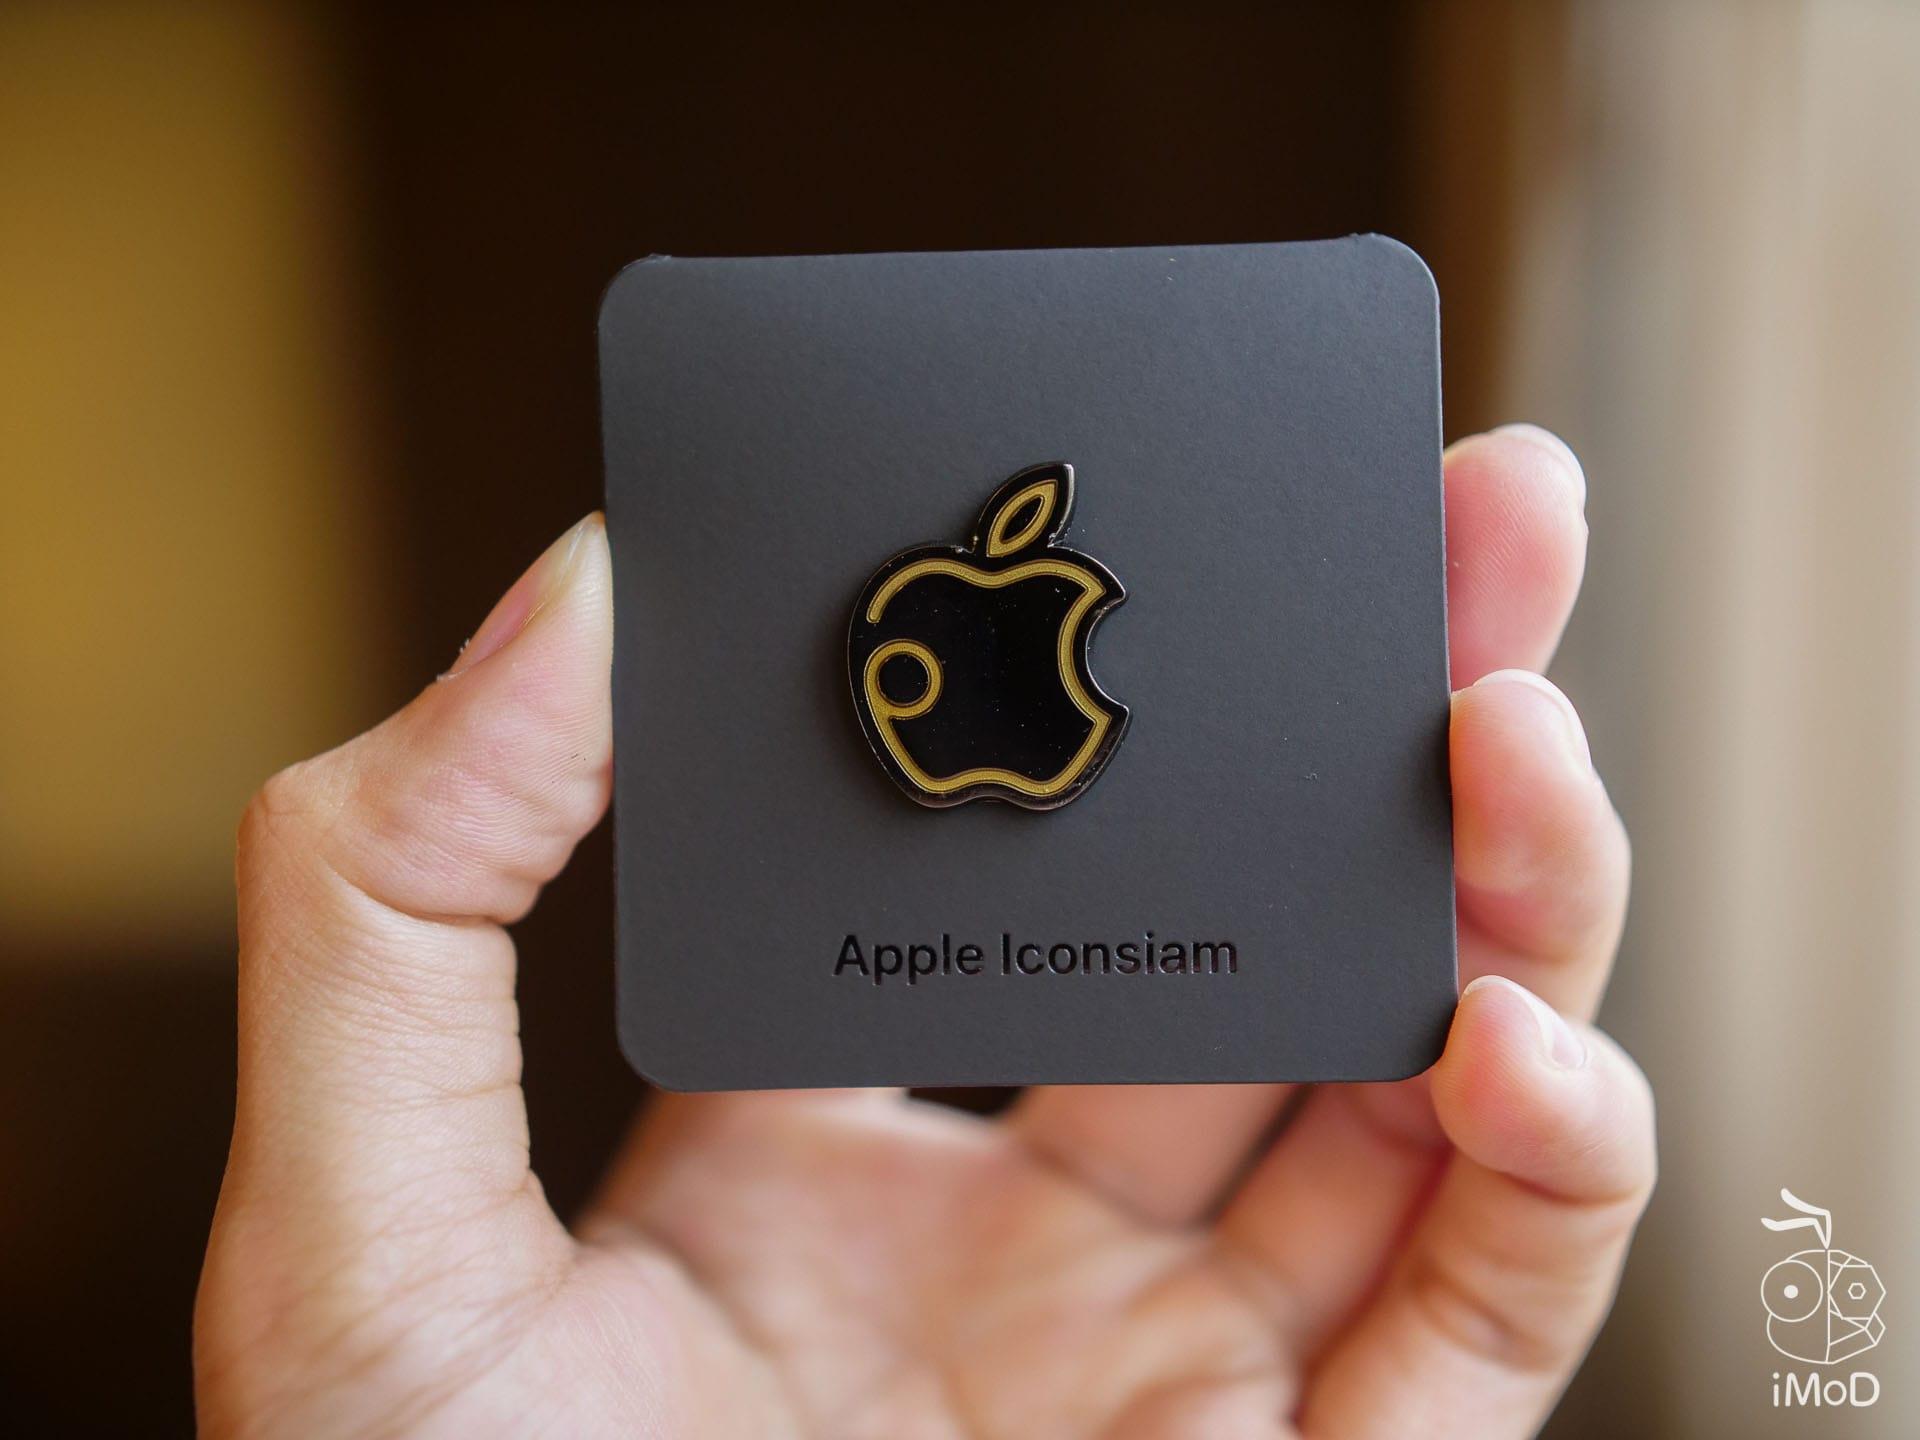 Apple Iconsiam Tshirt 1200399